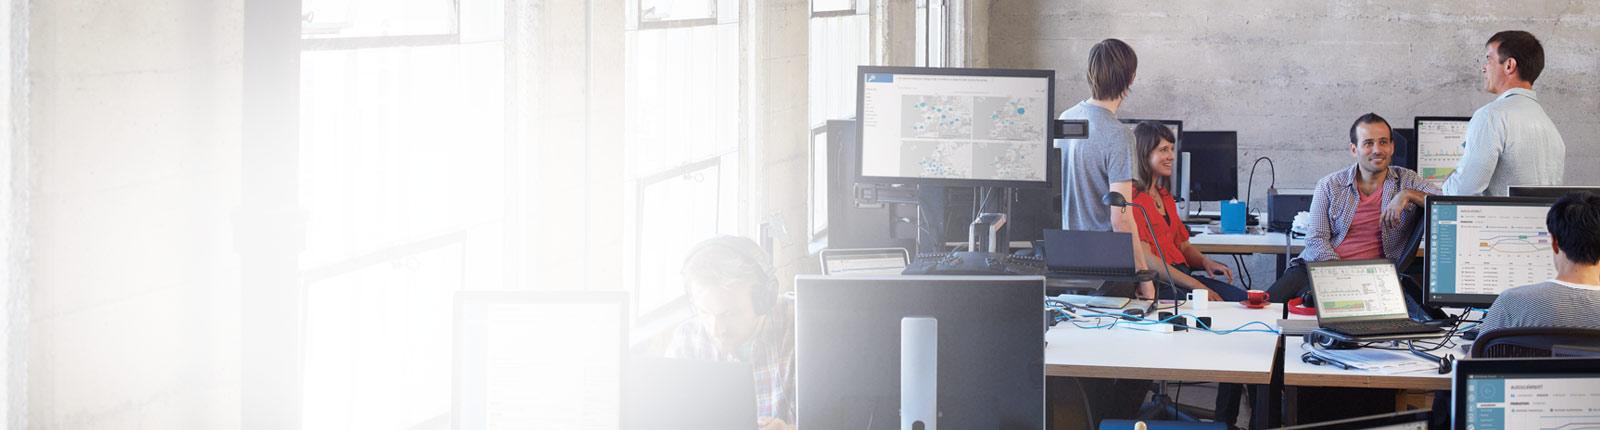 Fünf Personen im Büro am Computer mit Office365